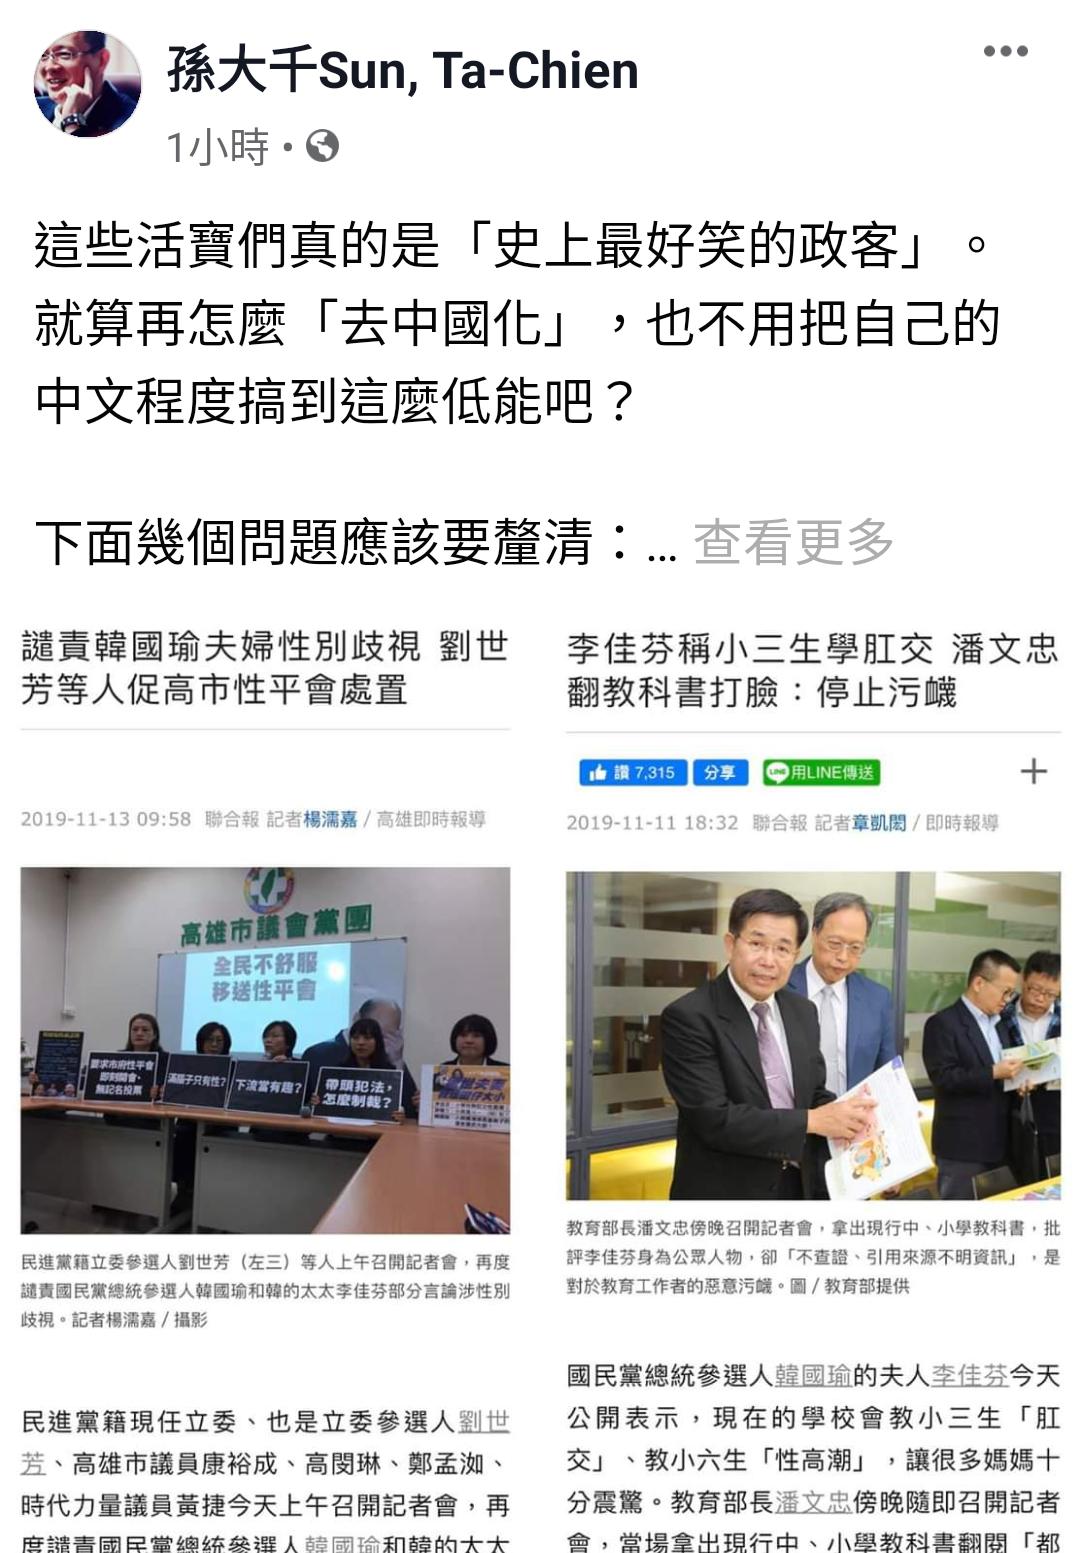 韓幕僚孫大千諷民進黨去中國化,讓中文都退化。圖片翻攝孫大千臉書